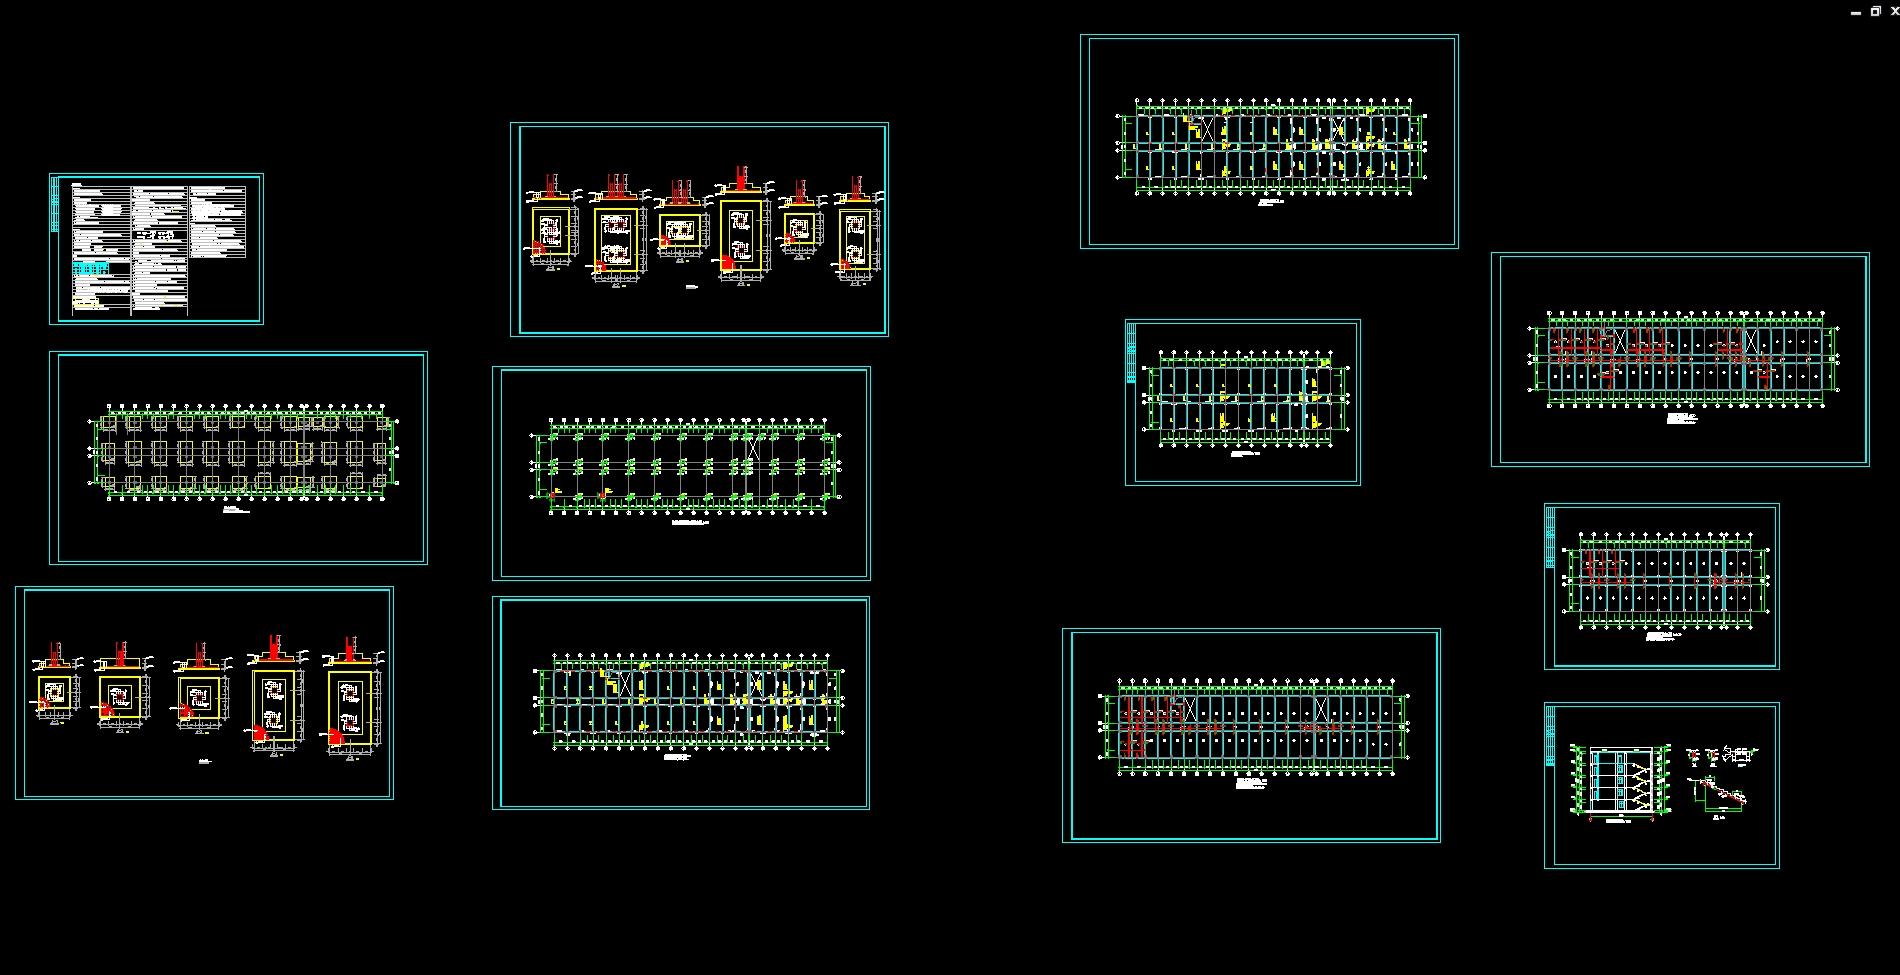 酒店厨房平面图-济南市五层6100平米商务酒店设计 建筑图,结构图